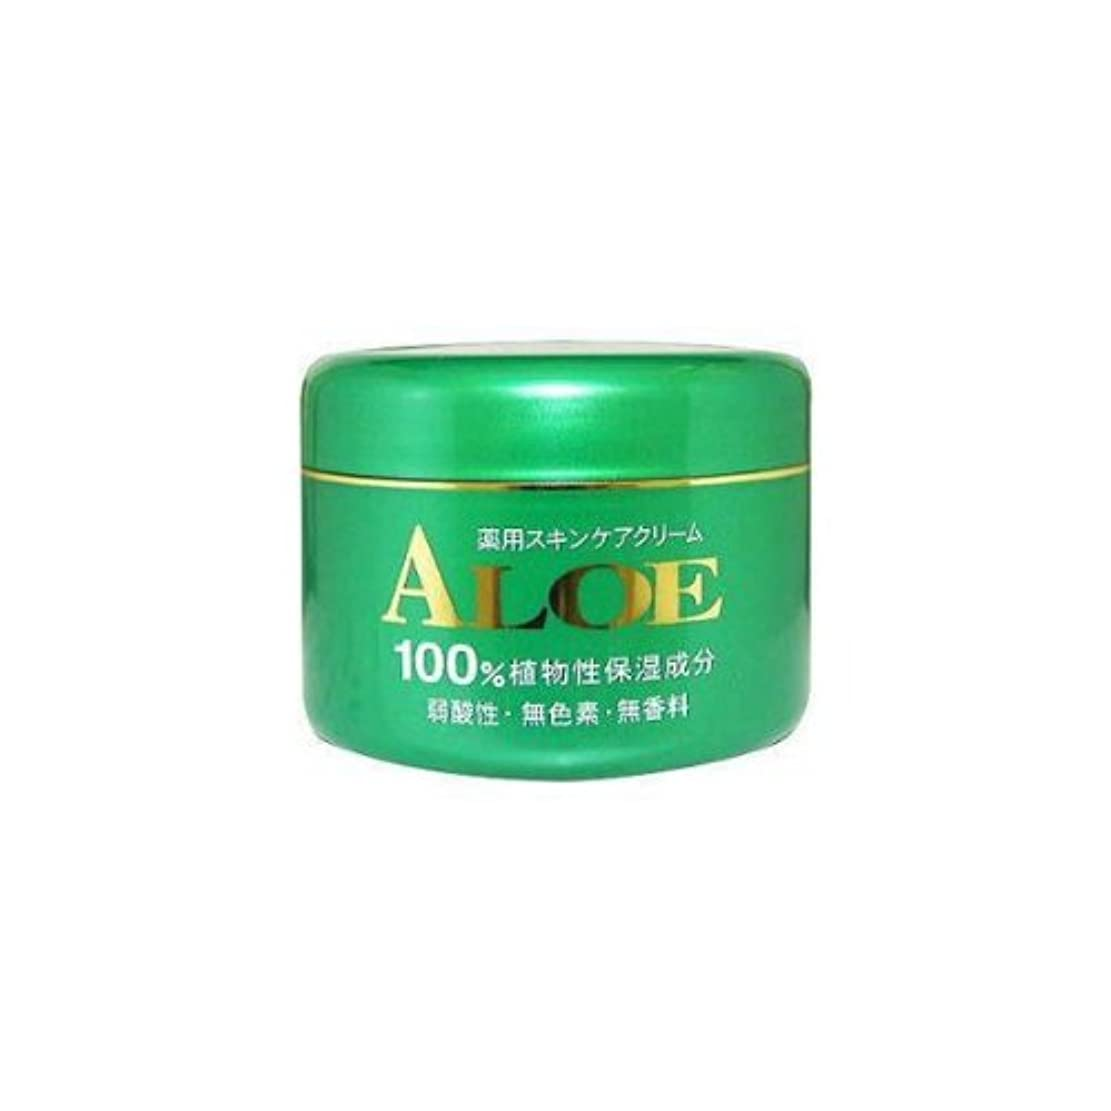 息苦しいクック遡るアロエ薬用スキンケアクリーム185g